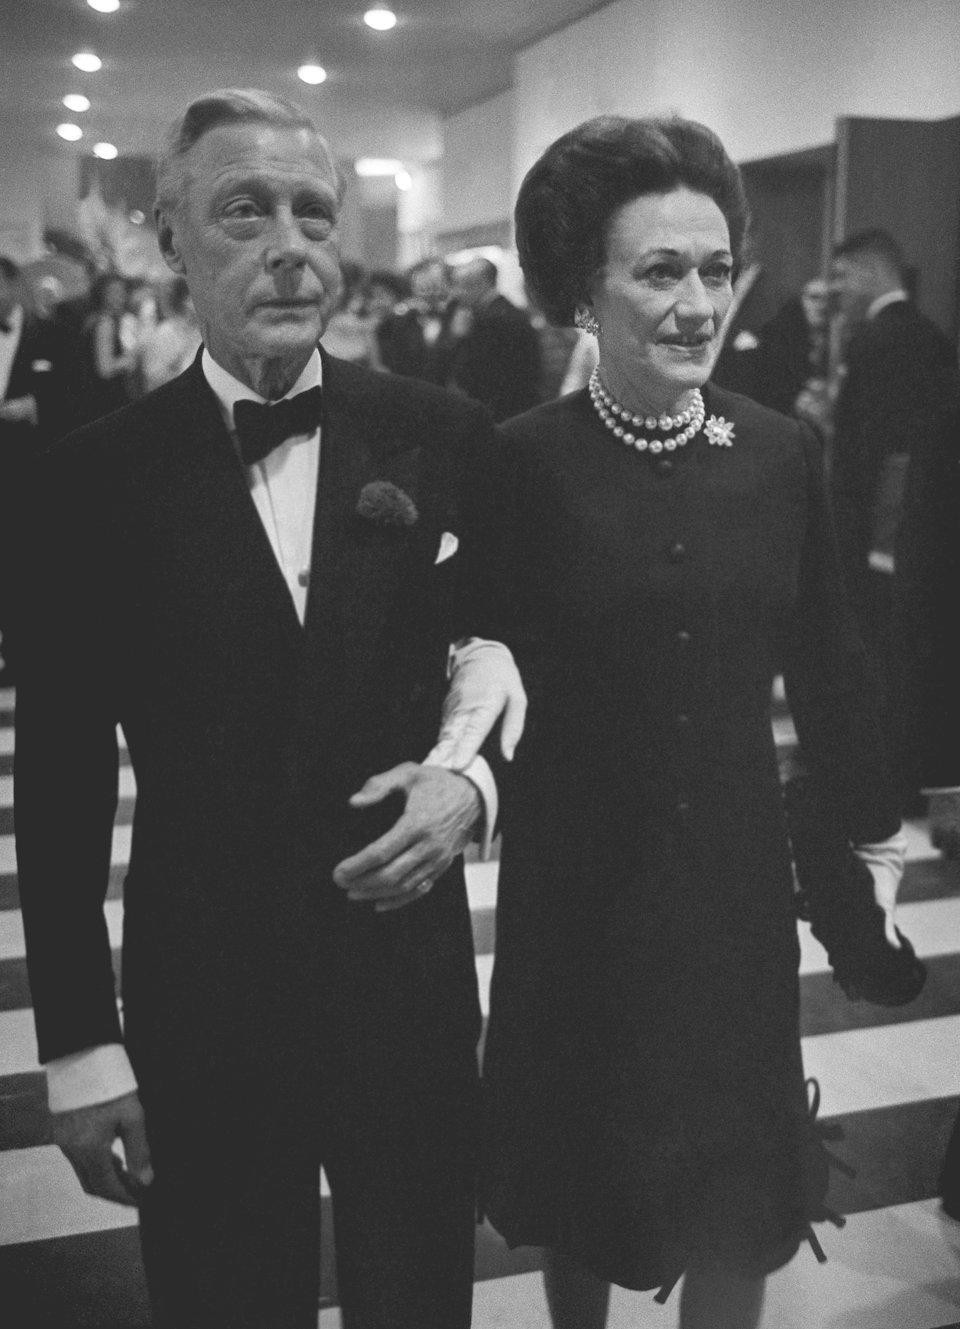 ۷ عضو خاندانهای سلطنتی جهان که عطای مقام خود را به لقایش بخشیدند